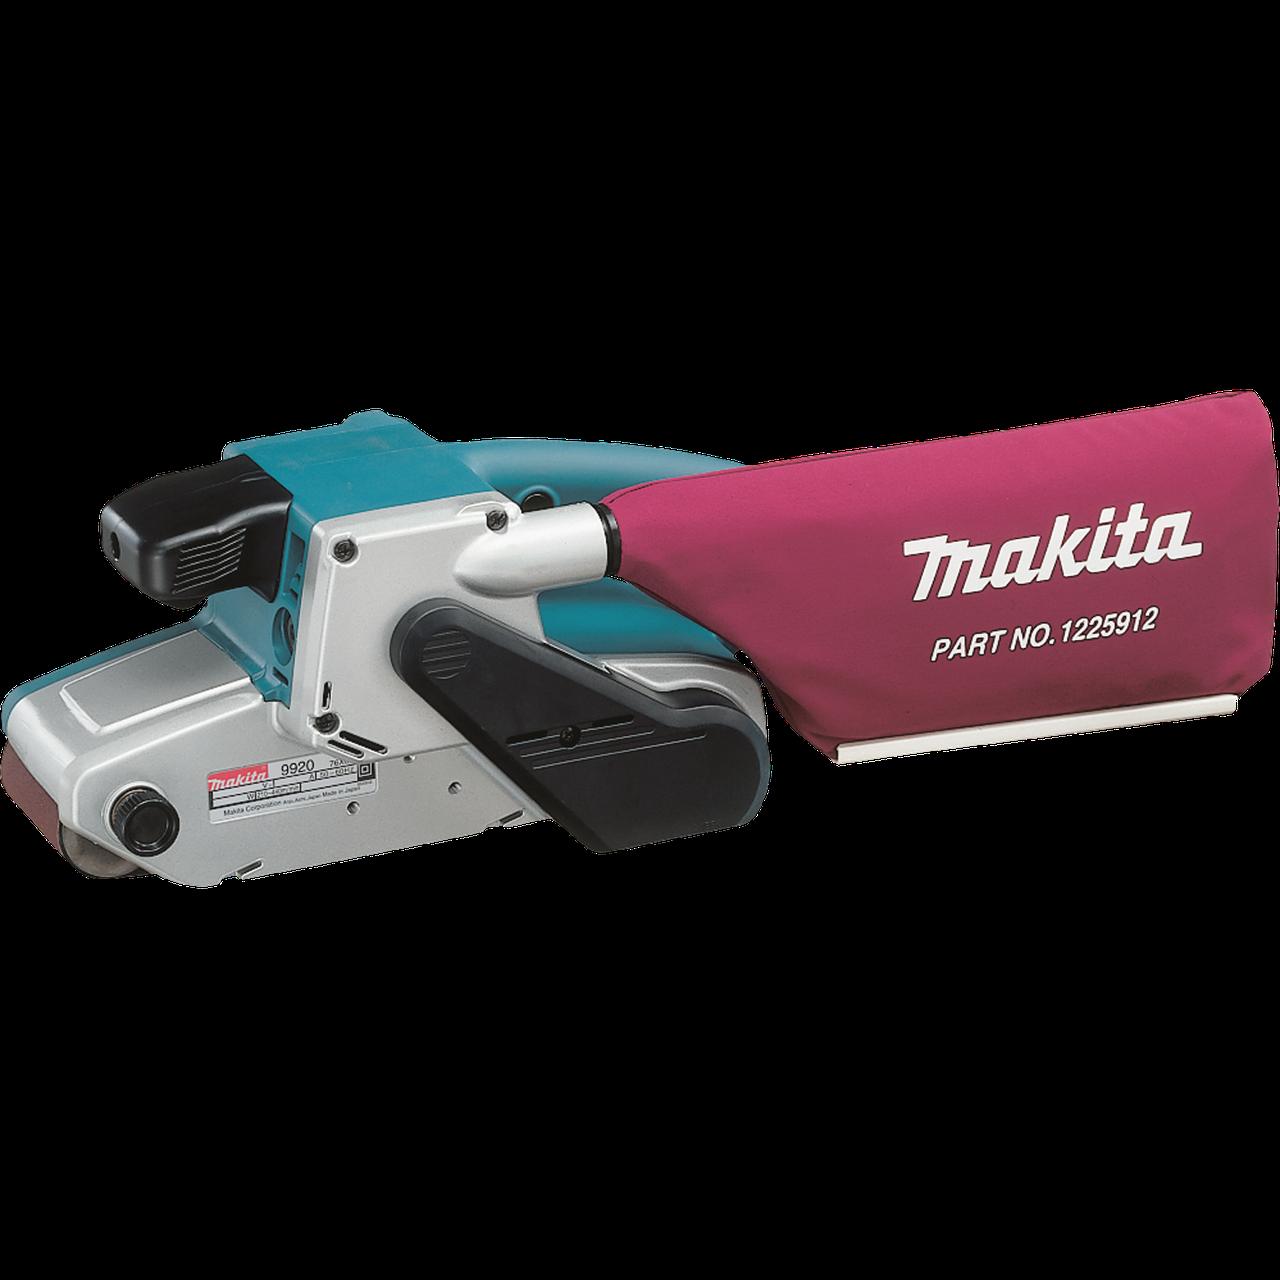 Ленточное шлифовальное устройство 9920 Makita